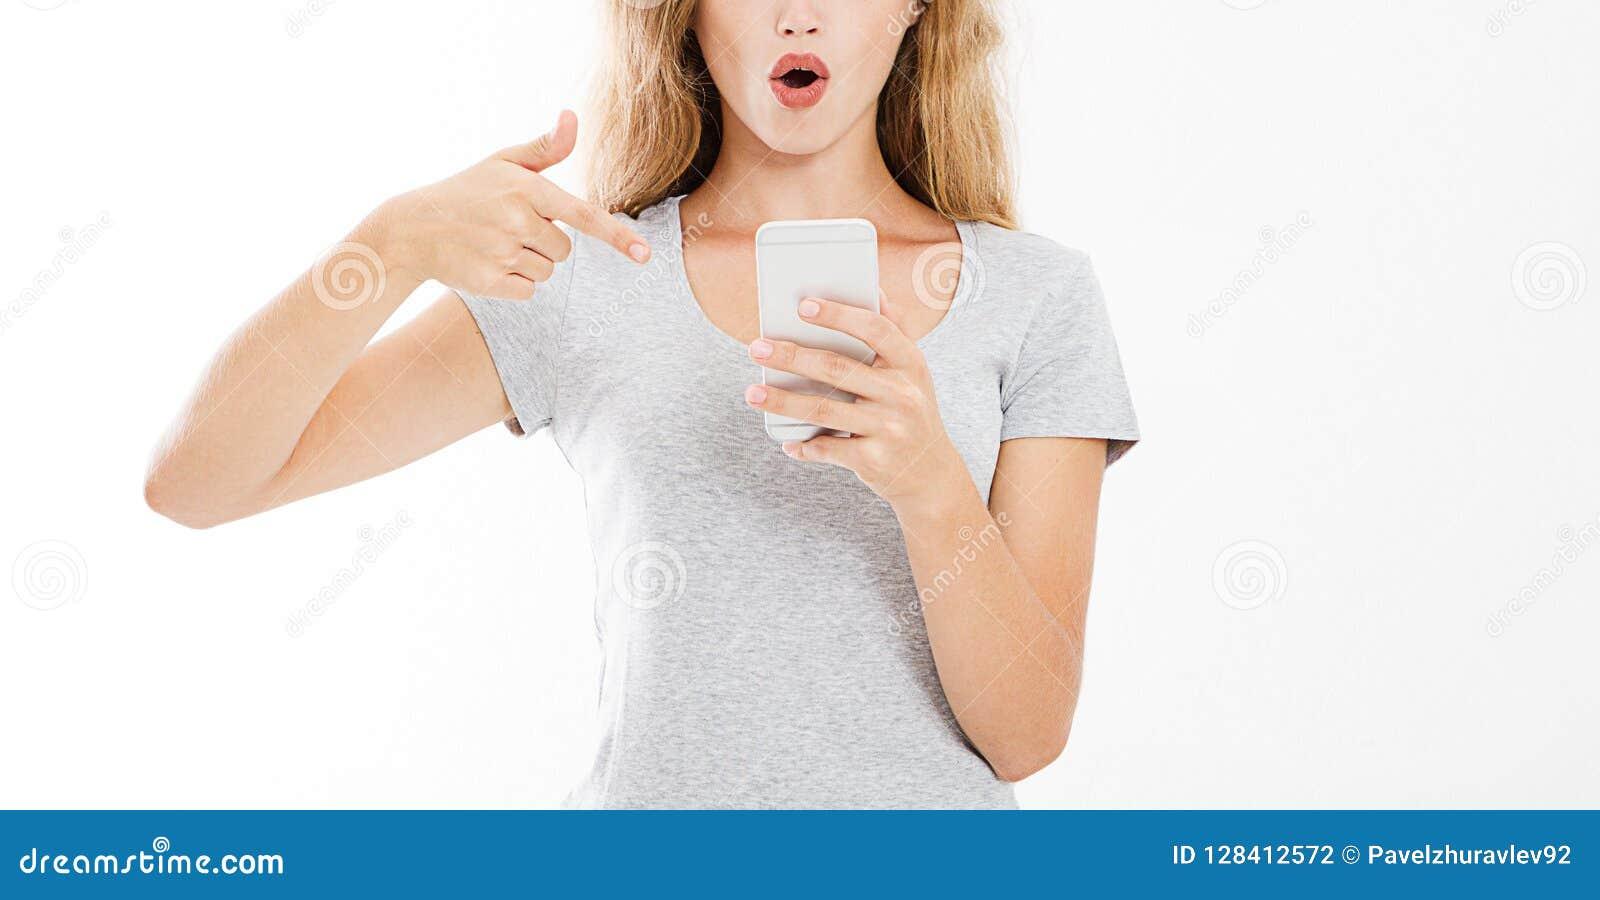 Moderne sexy Frau des Porträts zeigte auf den Smartphone und sah, dass schlechte Nachrichten oder Fotos mit fassungslosem Gefühl